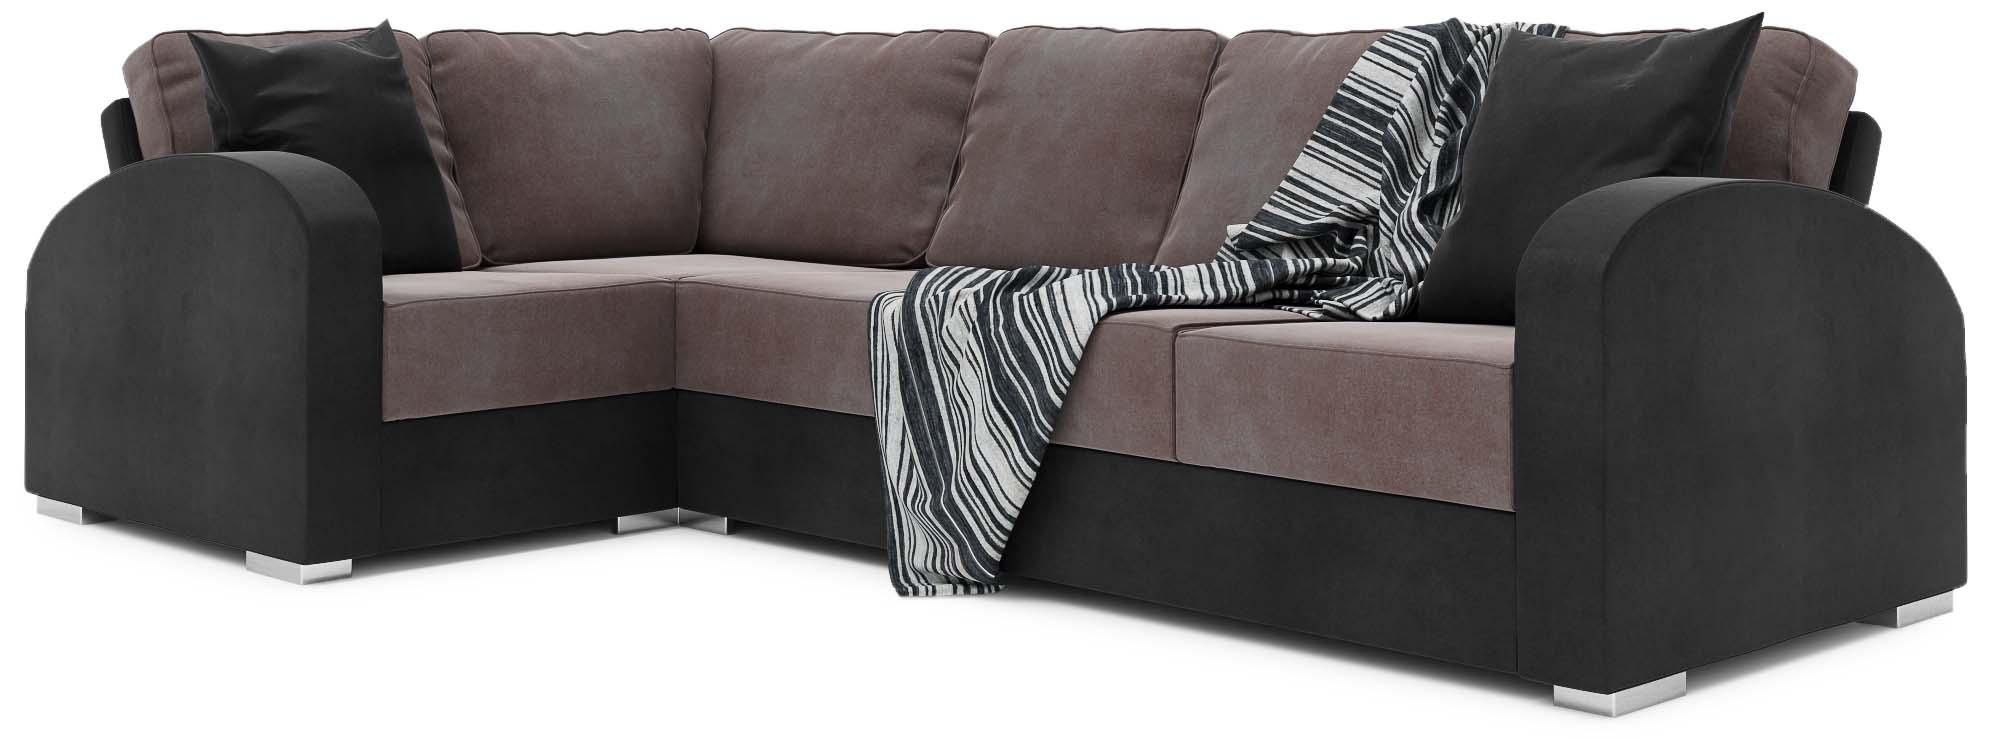 Orb 4x2 Corner Sofa Corner Group Nabru